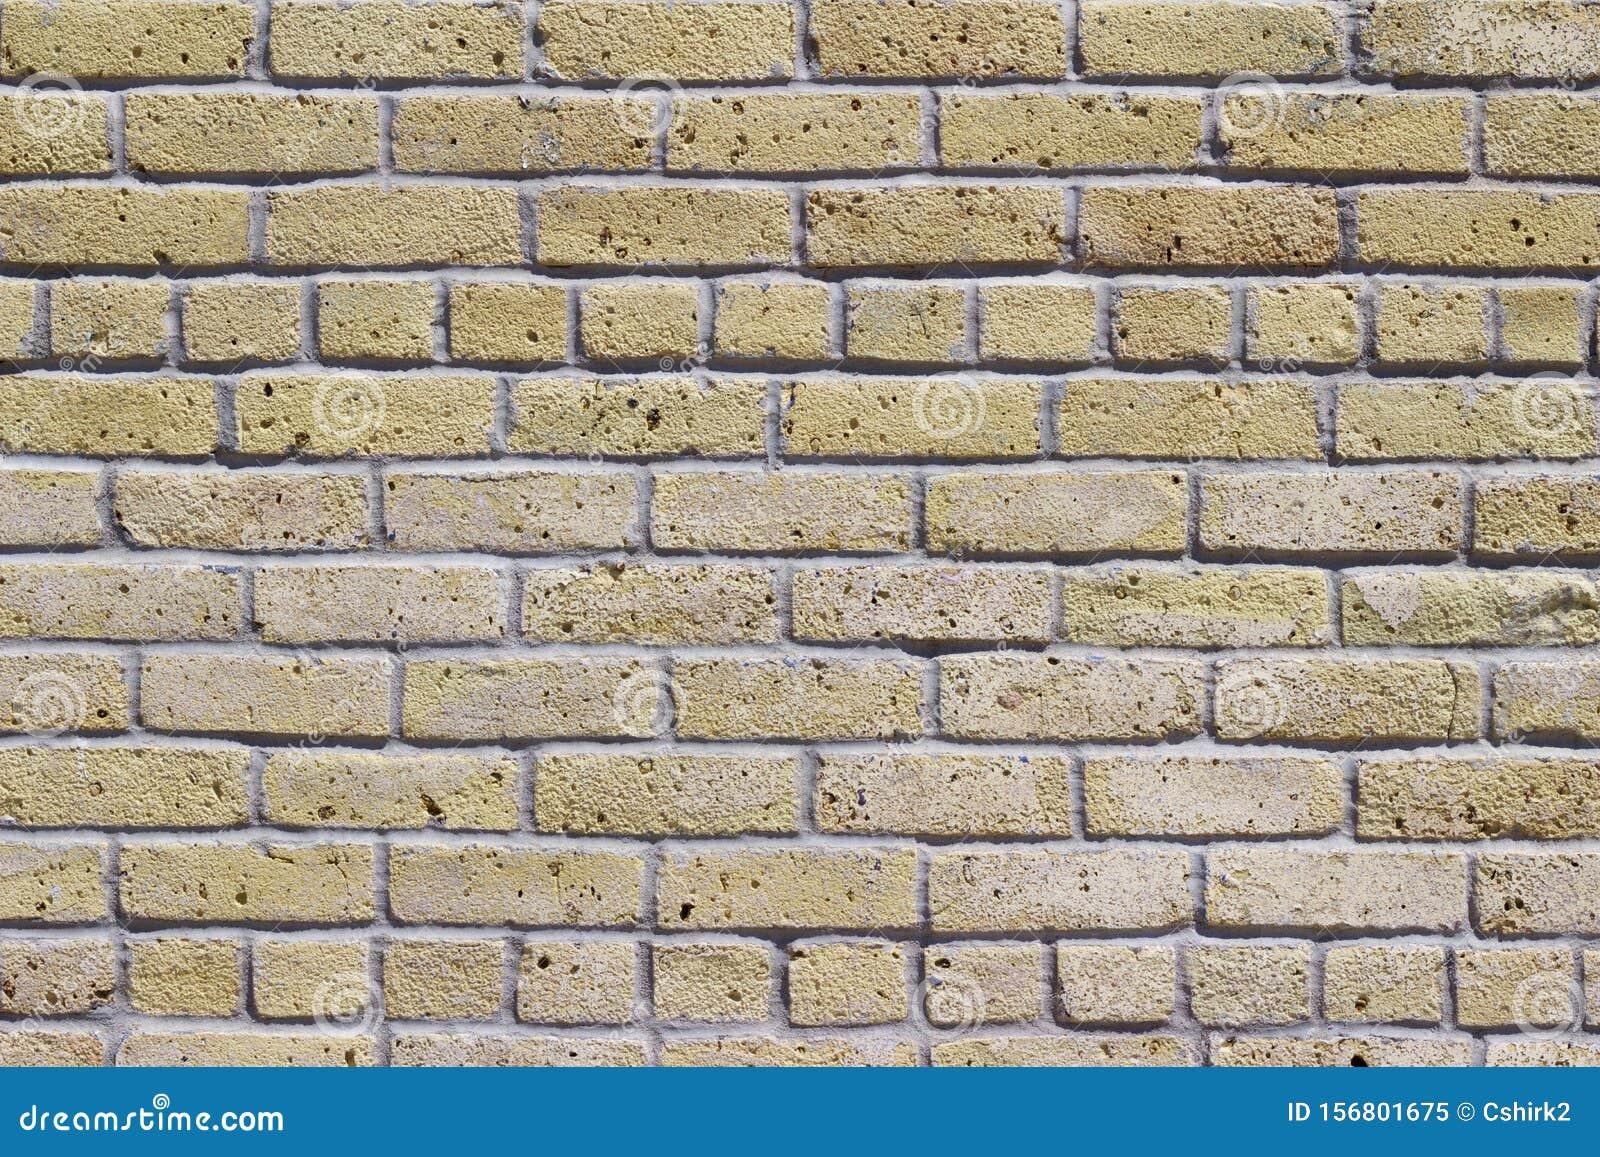 Antique beige brick wall texture in common bond brickwork pattern